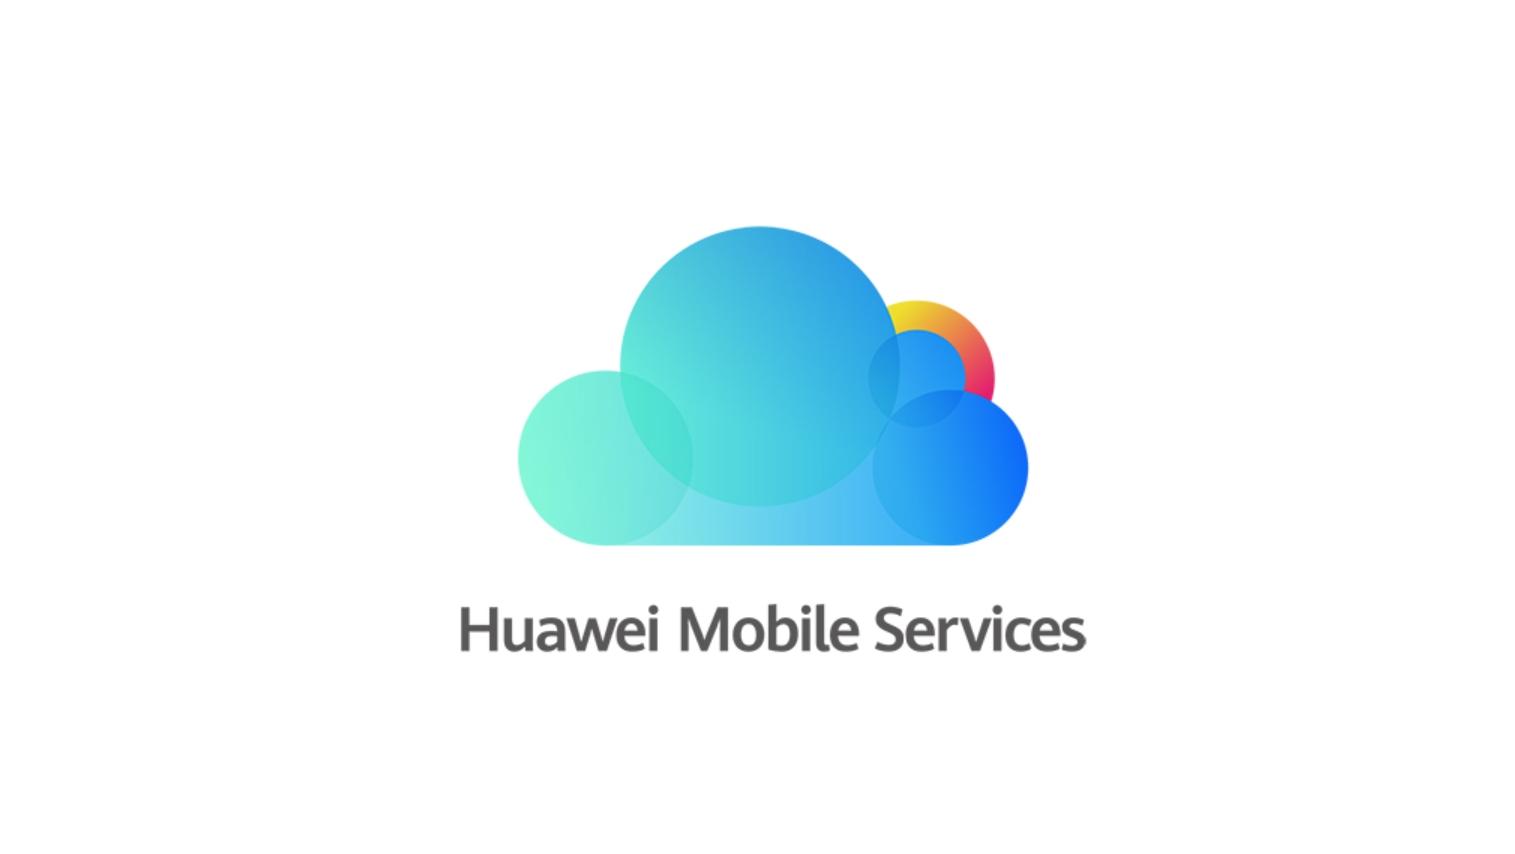 Huawei Mobile Services vychází ve verzi 4.0 beta